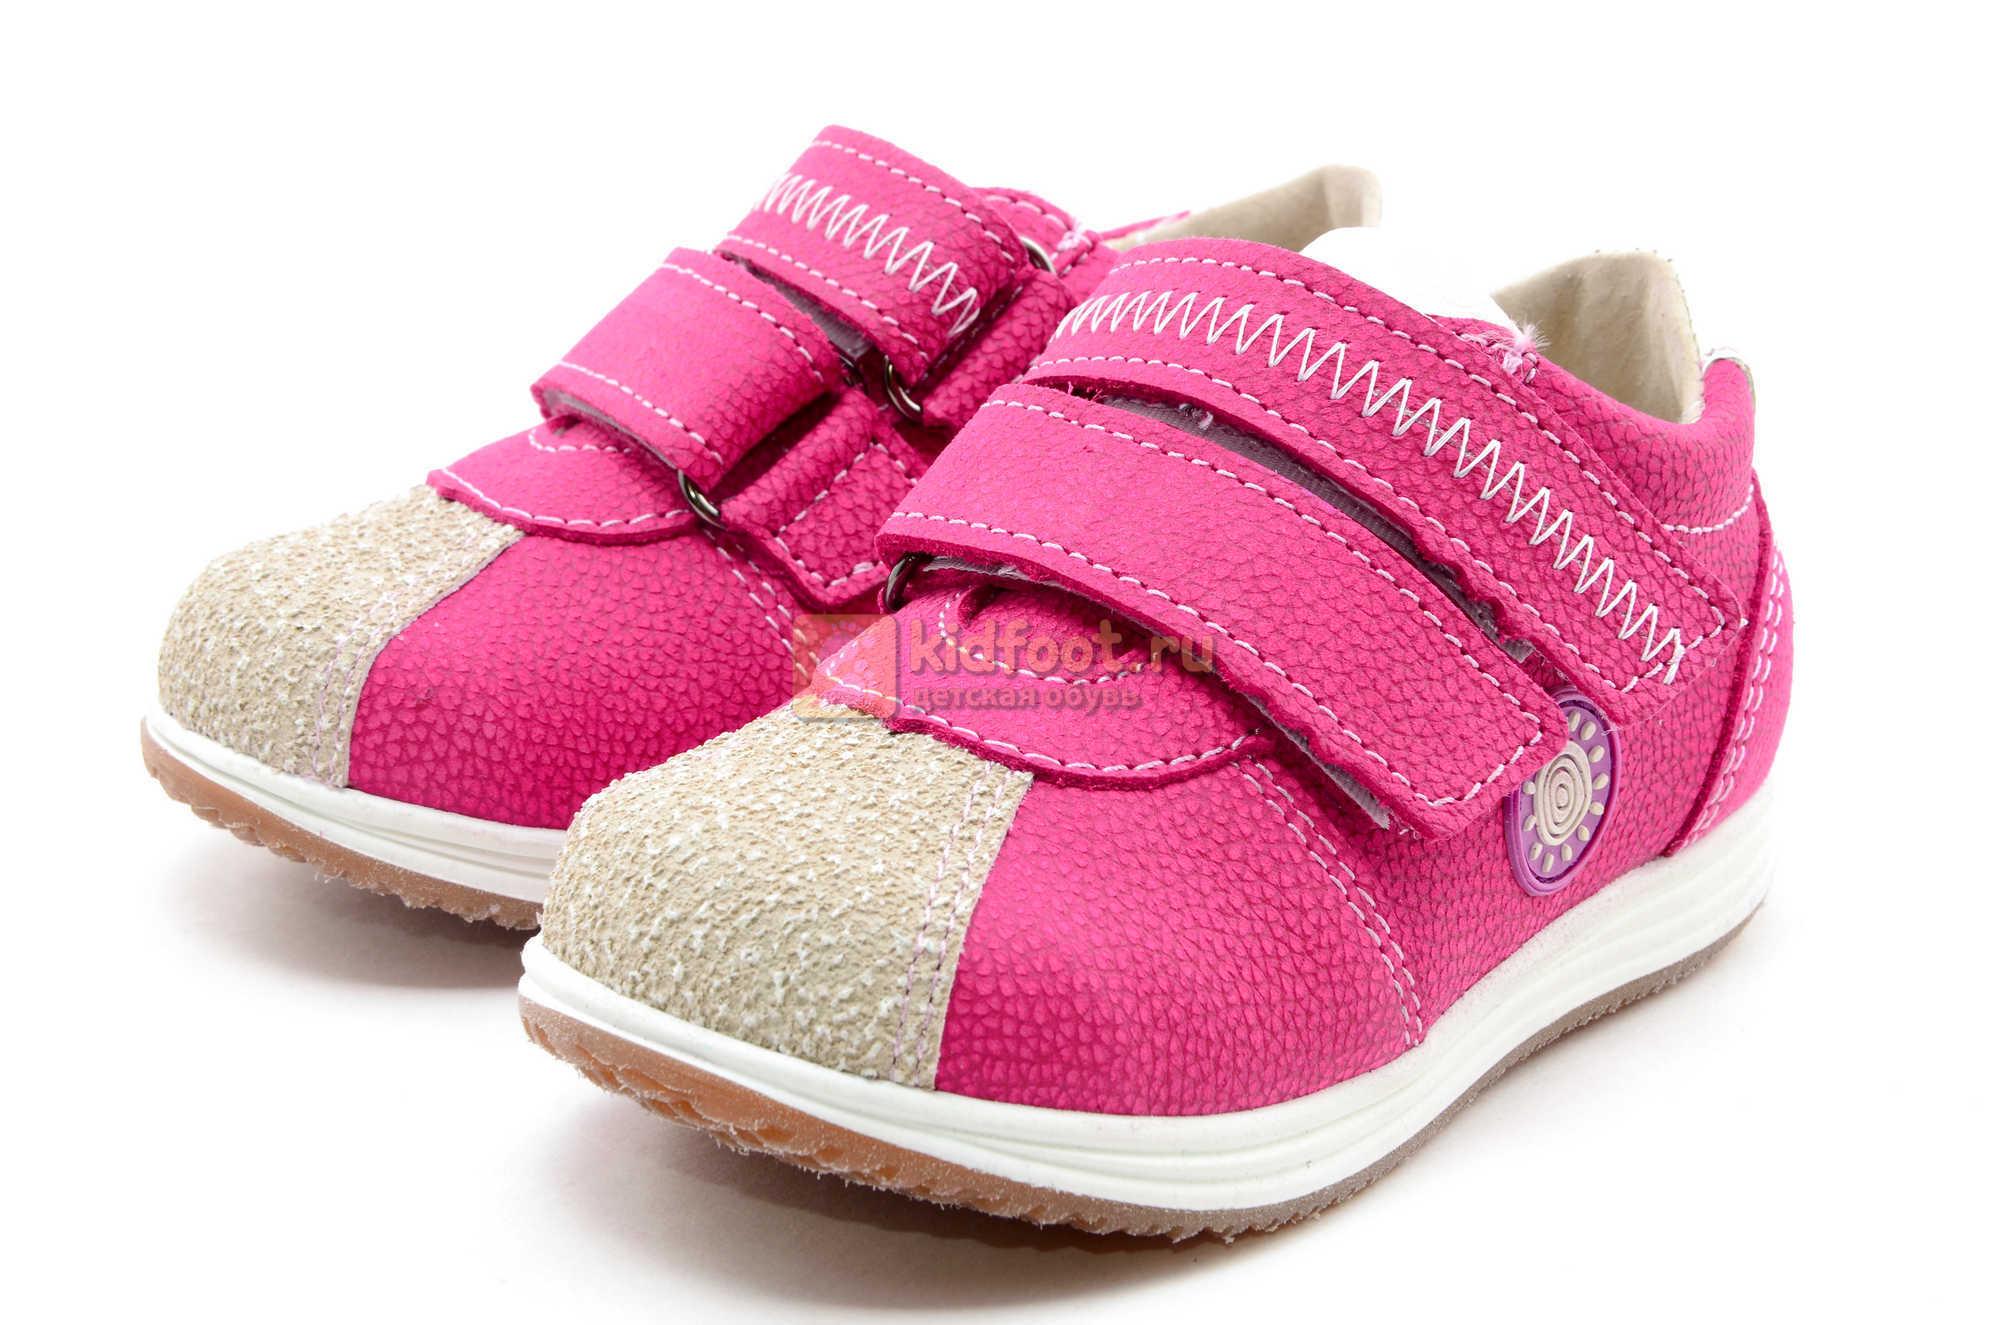 Ботинки для девочек Лель (LEL) из натуральной кожи на липучках цвет фуксия